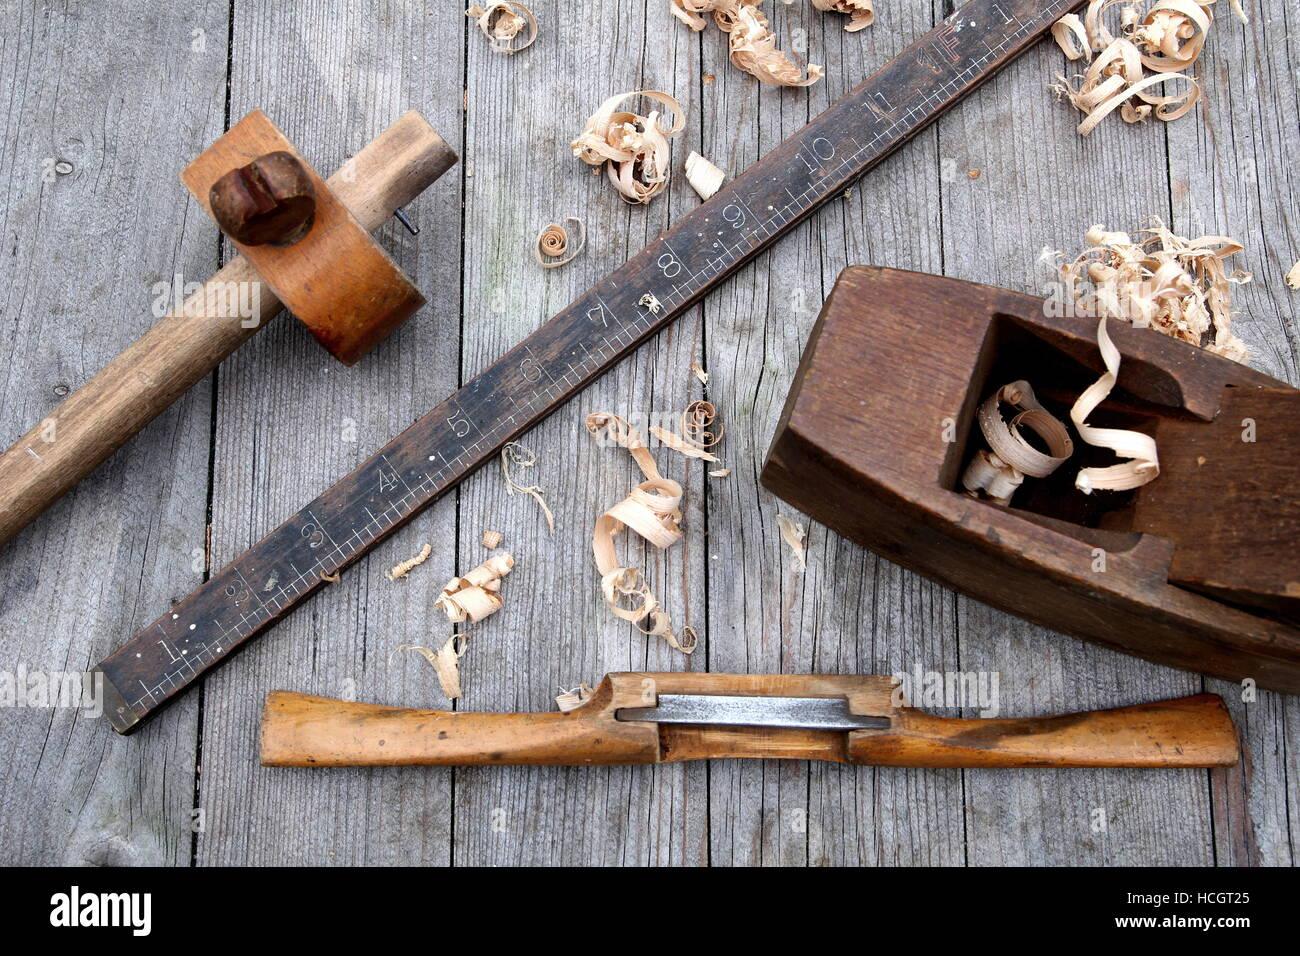 antike vintage herrscher schabhobel verzapfen gauge und block flugzeug holzarbeiten tools auf. Black Bedroom Furniture Sets. Home Design Ideas